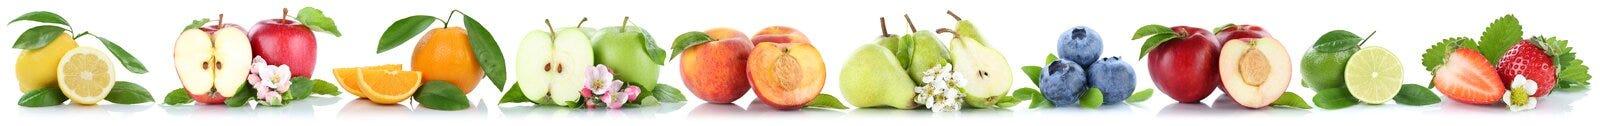 Fruttifica le arance arancio delle mele della mela in una fila isolate su bianco Fotografia Stock Libera da Diritti